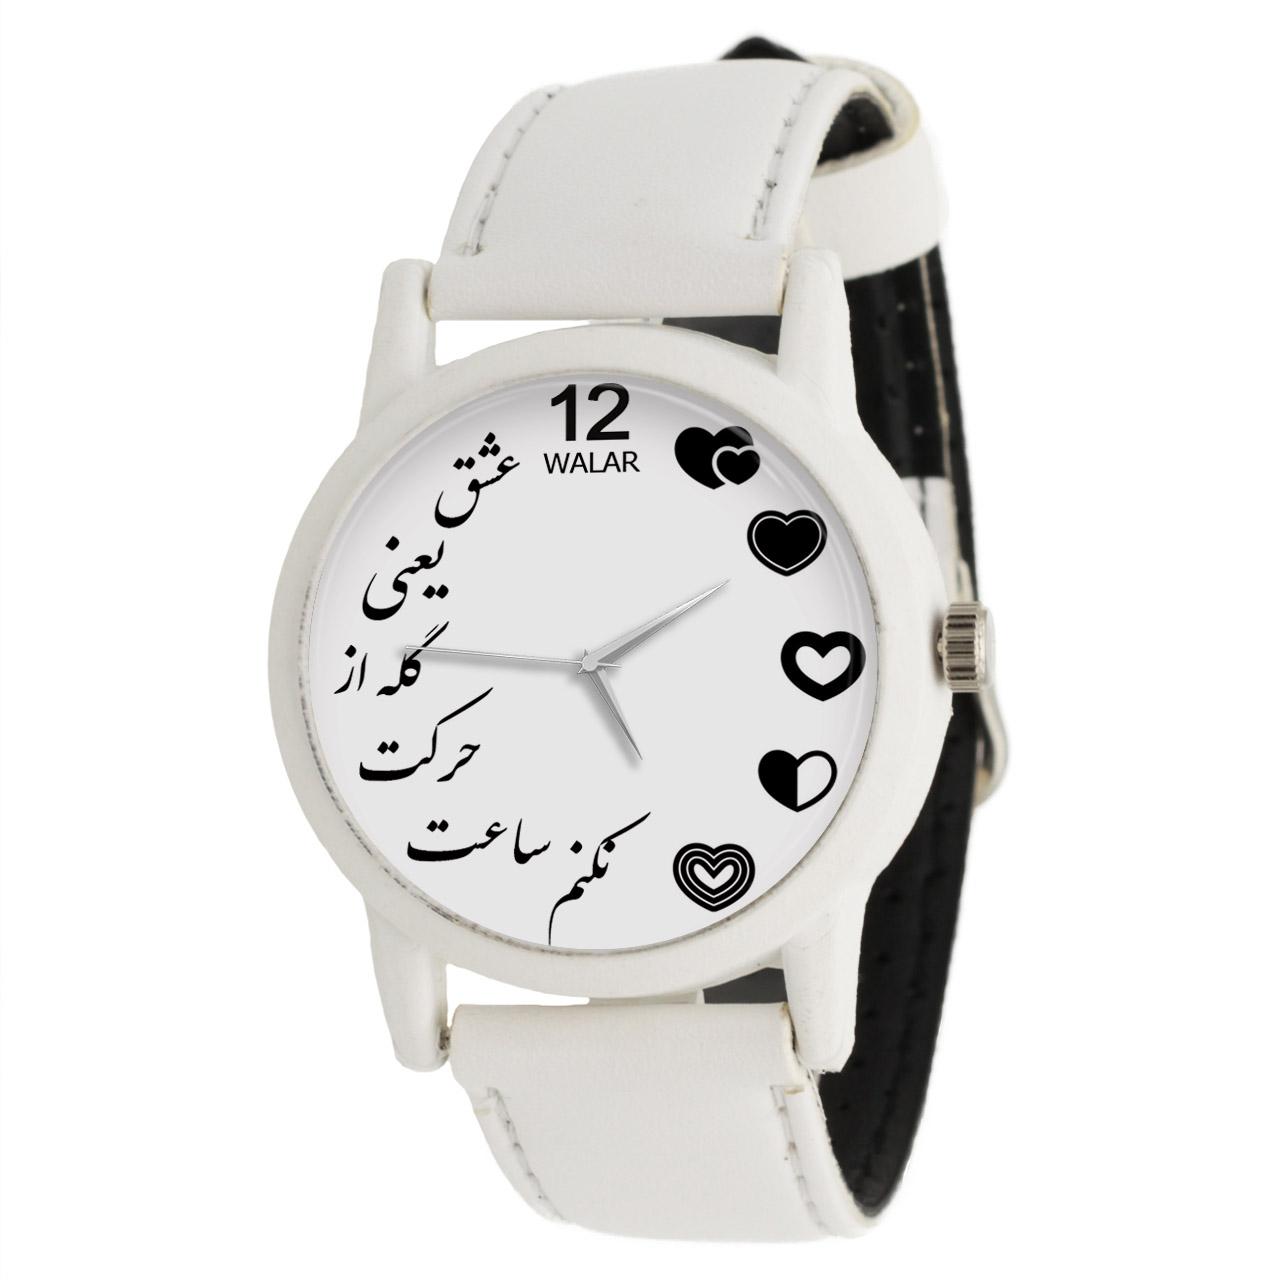 ساعت مچی عقربه ای زنانه والار طرح عشق کد LF1639